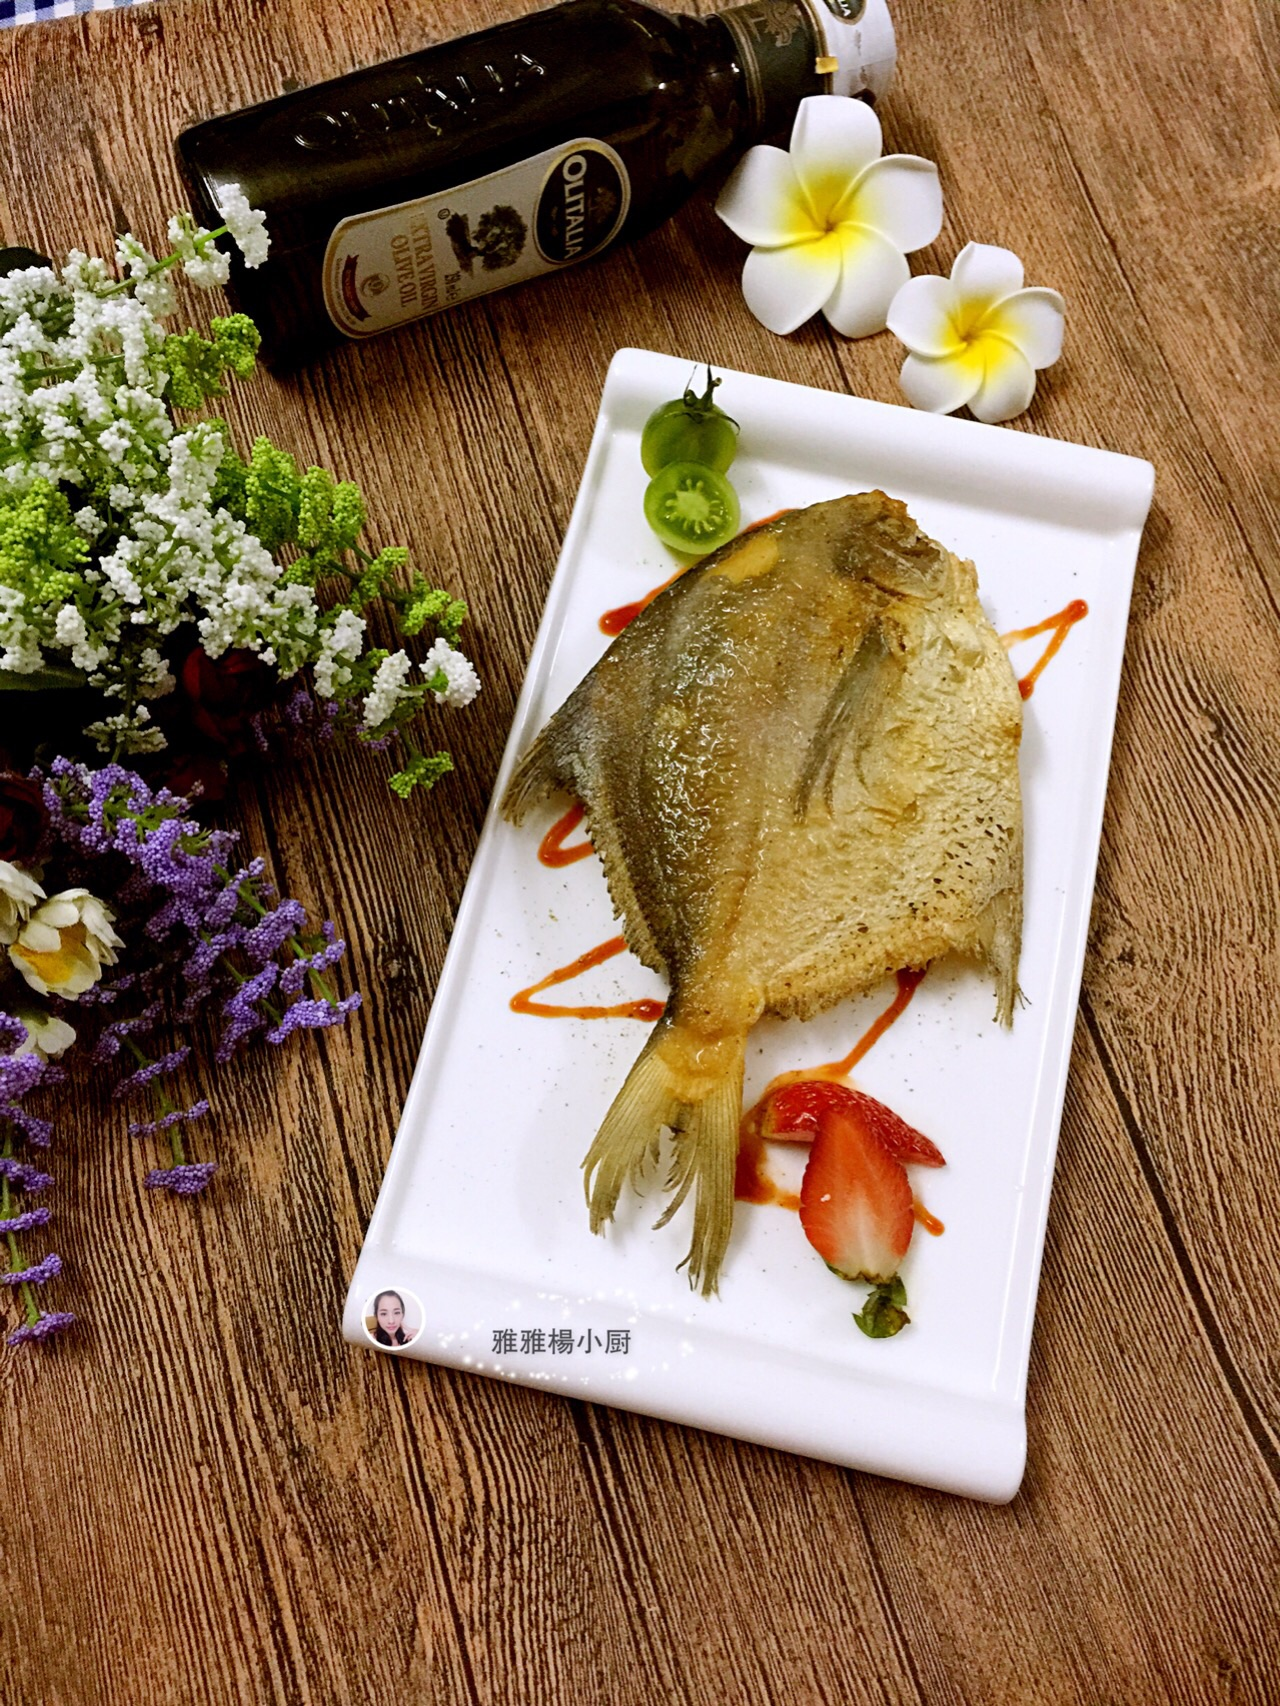 柠香煎金做法的菜谱_排骨_豆果美食炖材料主要放什么鲳鱼图片